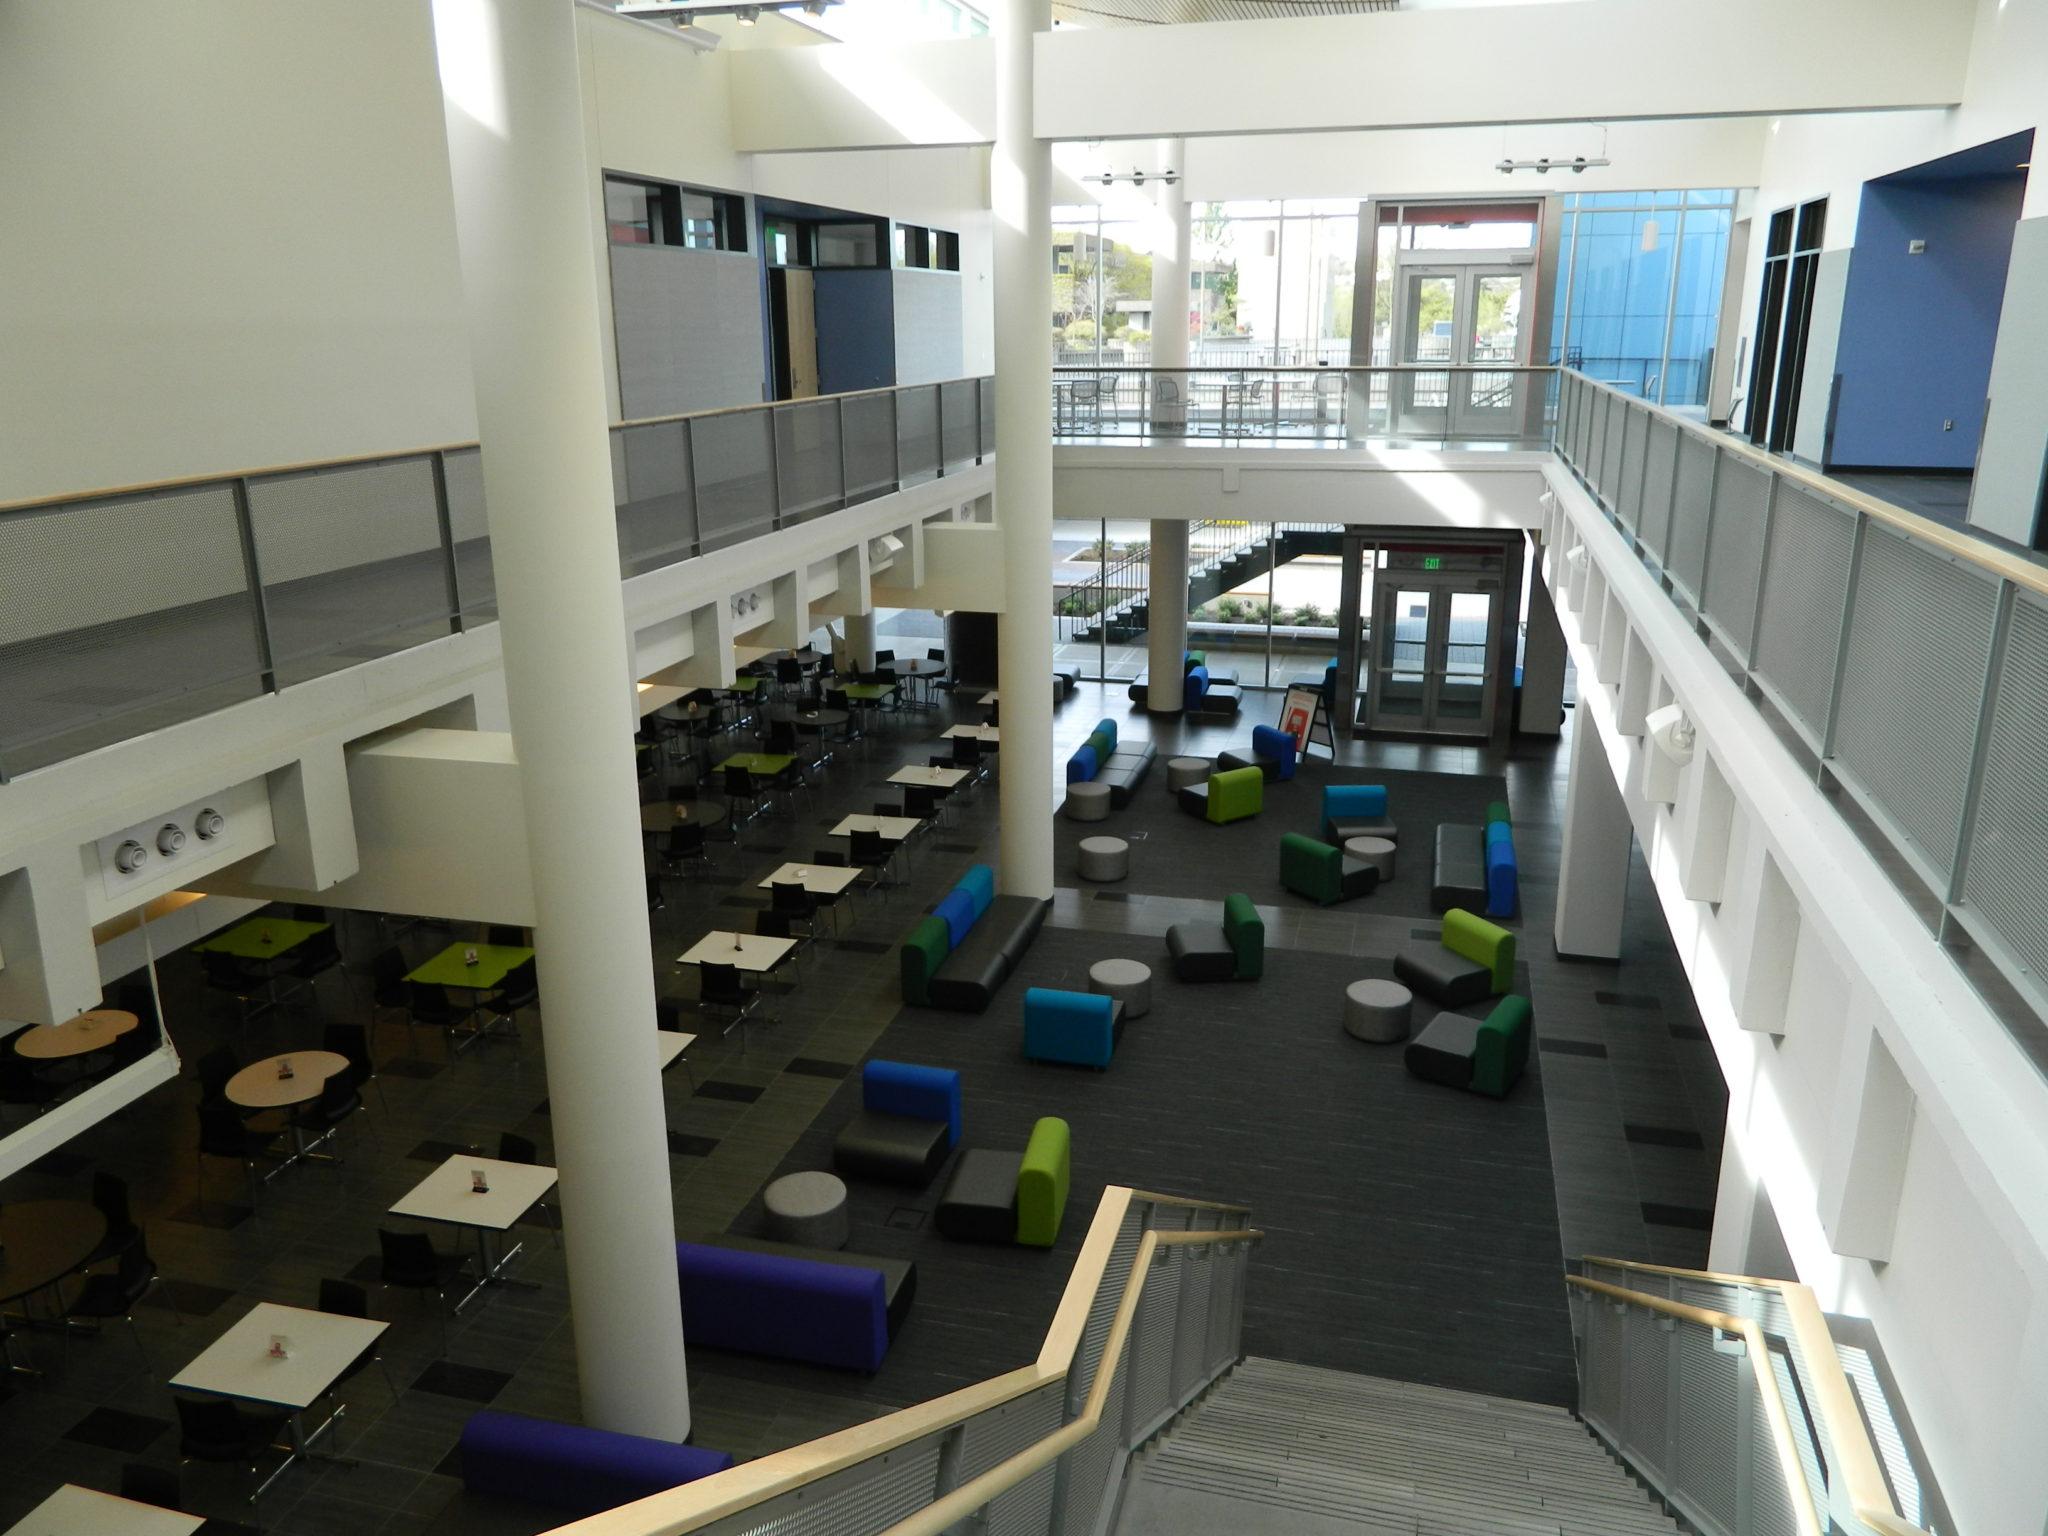 【大学附属】ノースシアトルカレッジ(NSC):イメージ